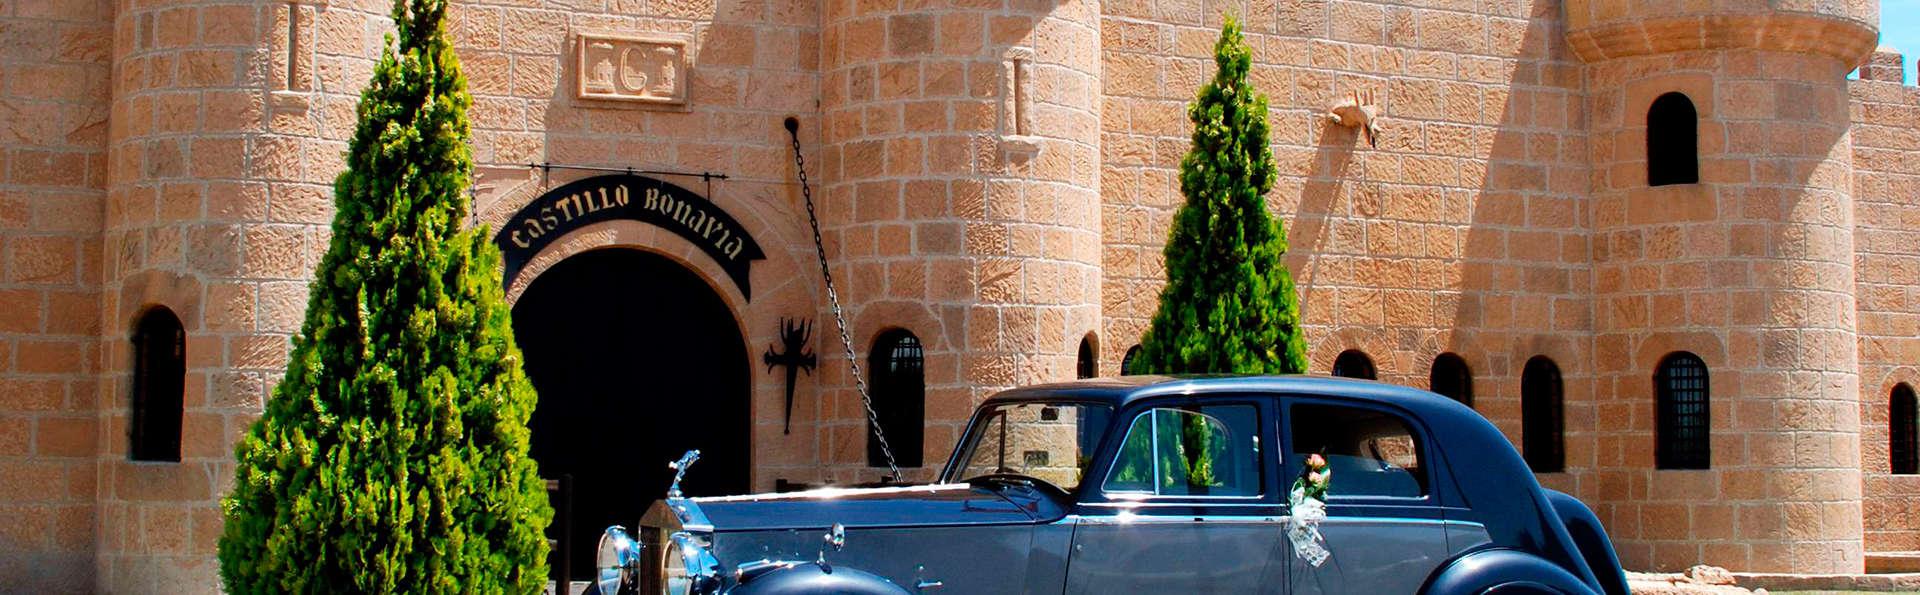 Touches médiévales et romantisme à Saragosse